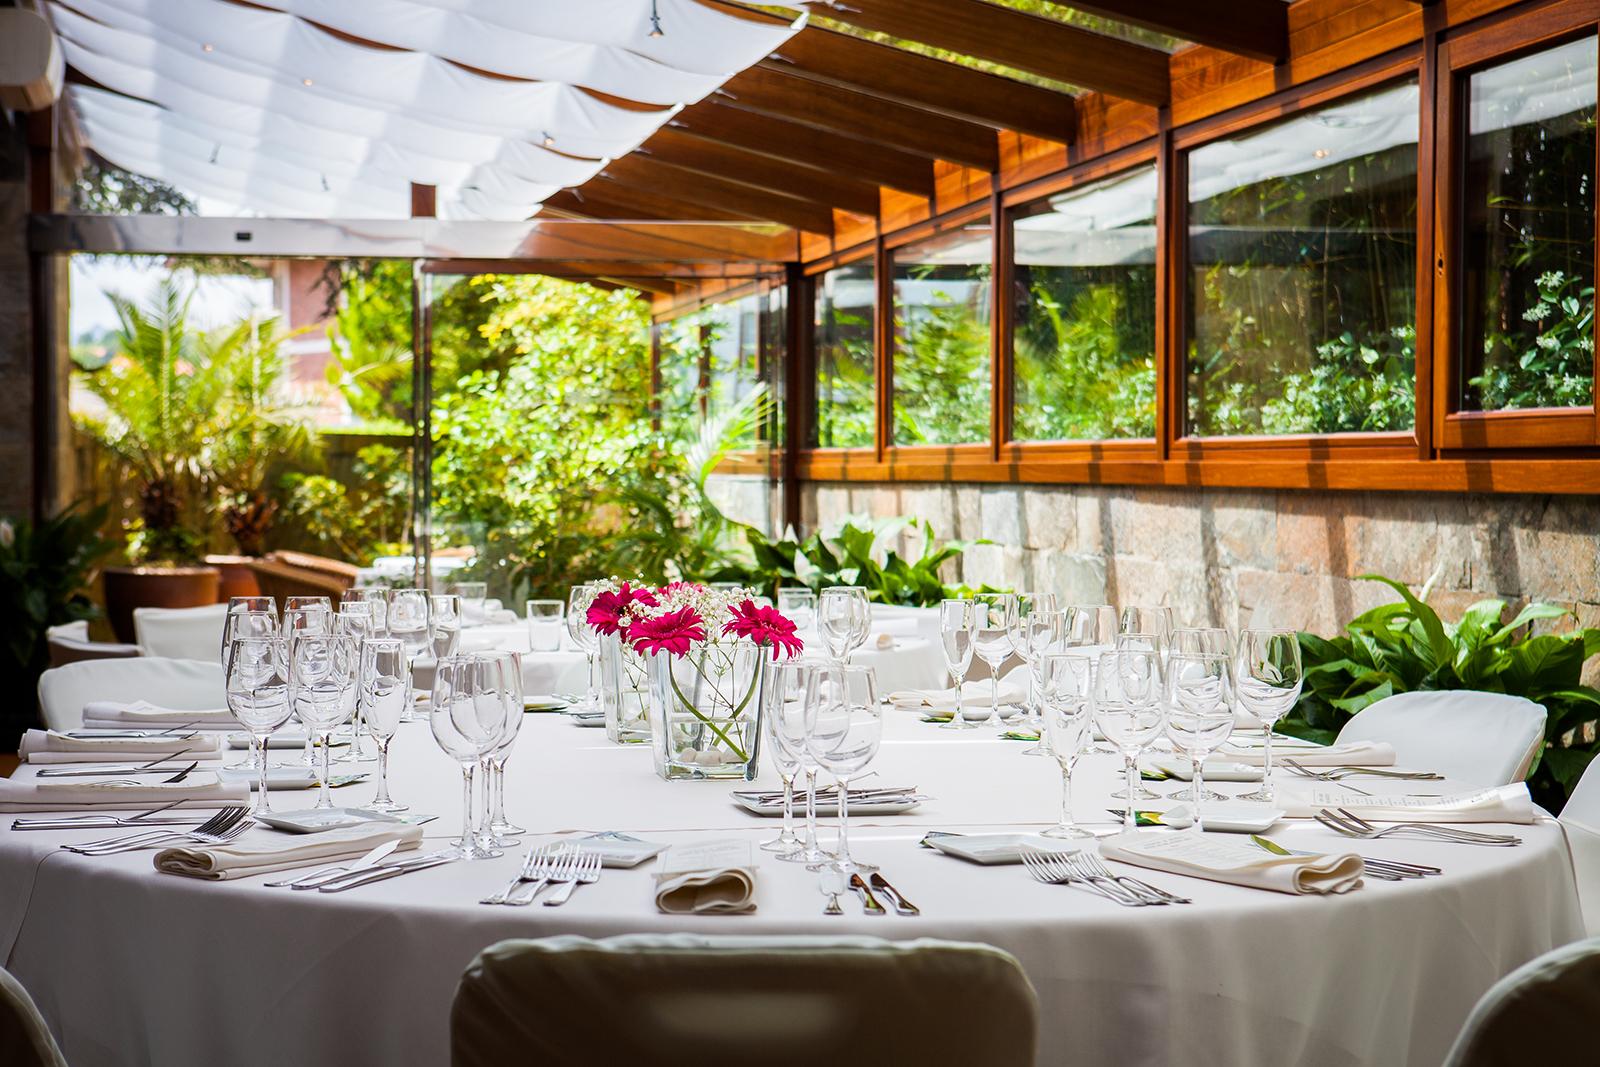 Restaurante Jaizkibel para bodas, Hotel Jaizkibel de Hondarribia